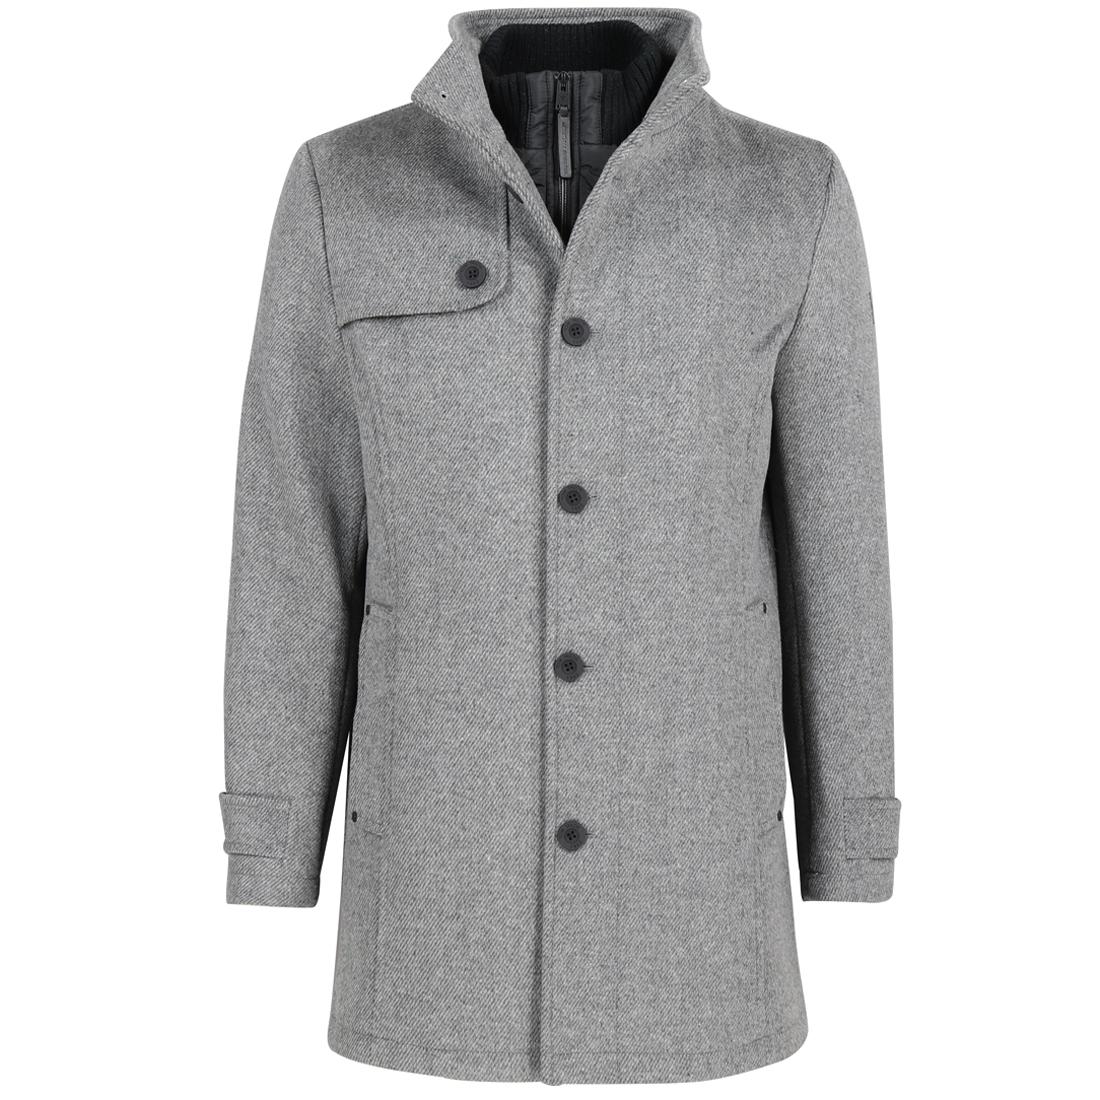 Image of Tom Tailor jas 35553410010 in het Grijs